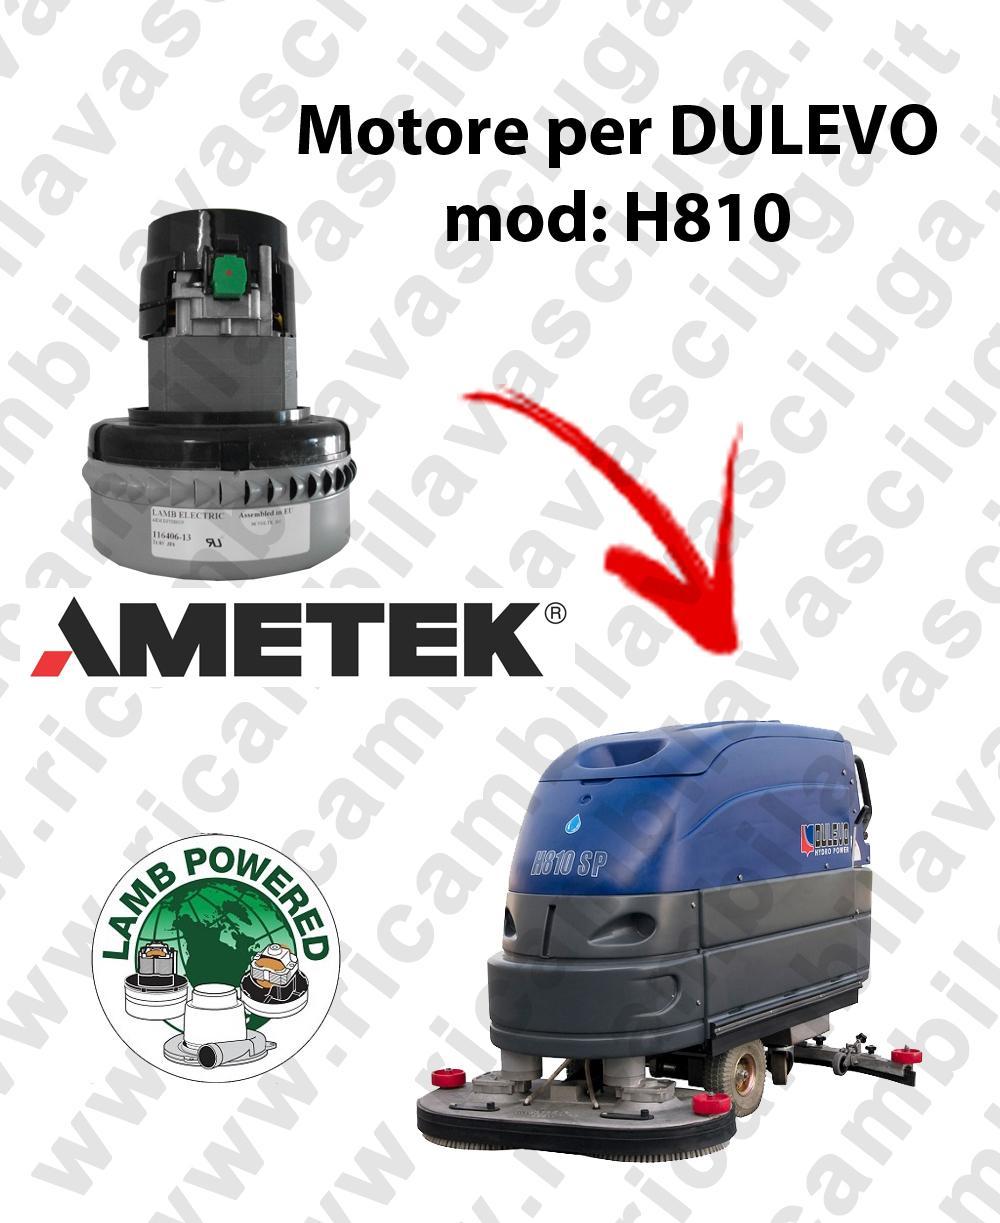 H810 MOTORE LAMB AMETEK di aspirazione per lavapavimenti DULEVO